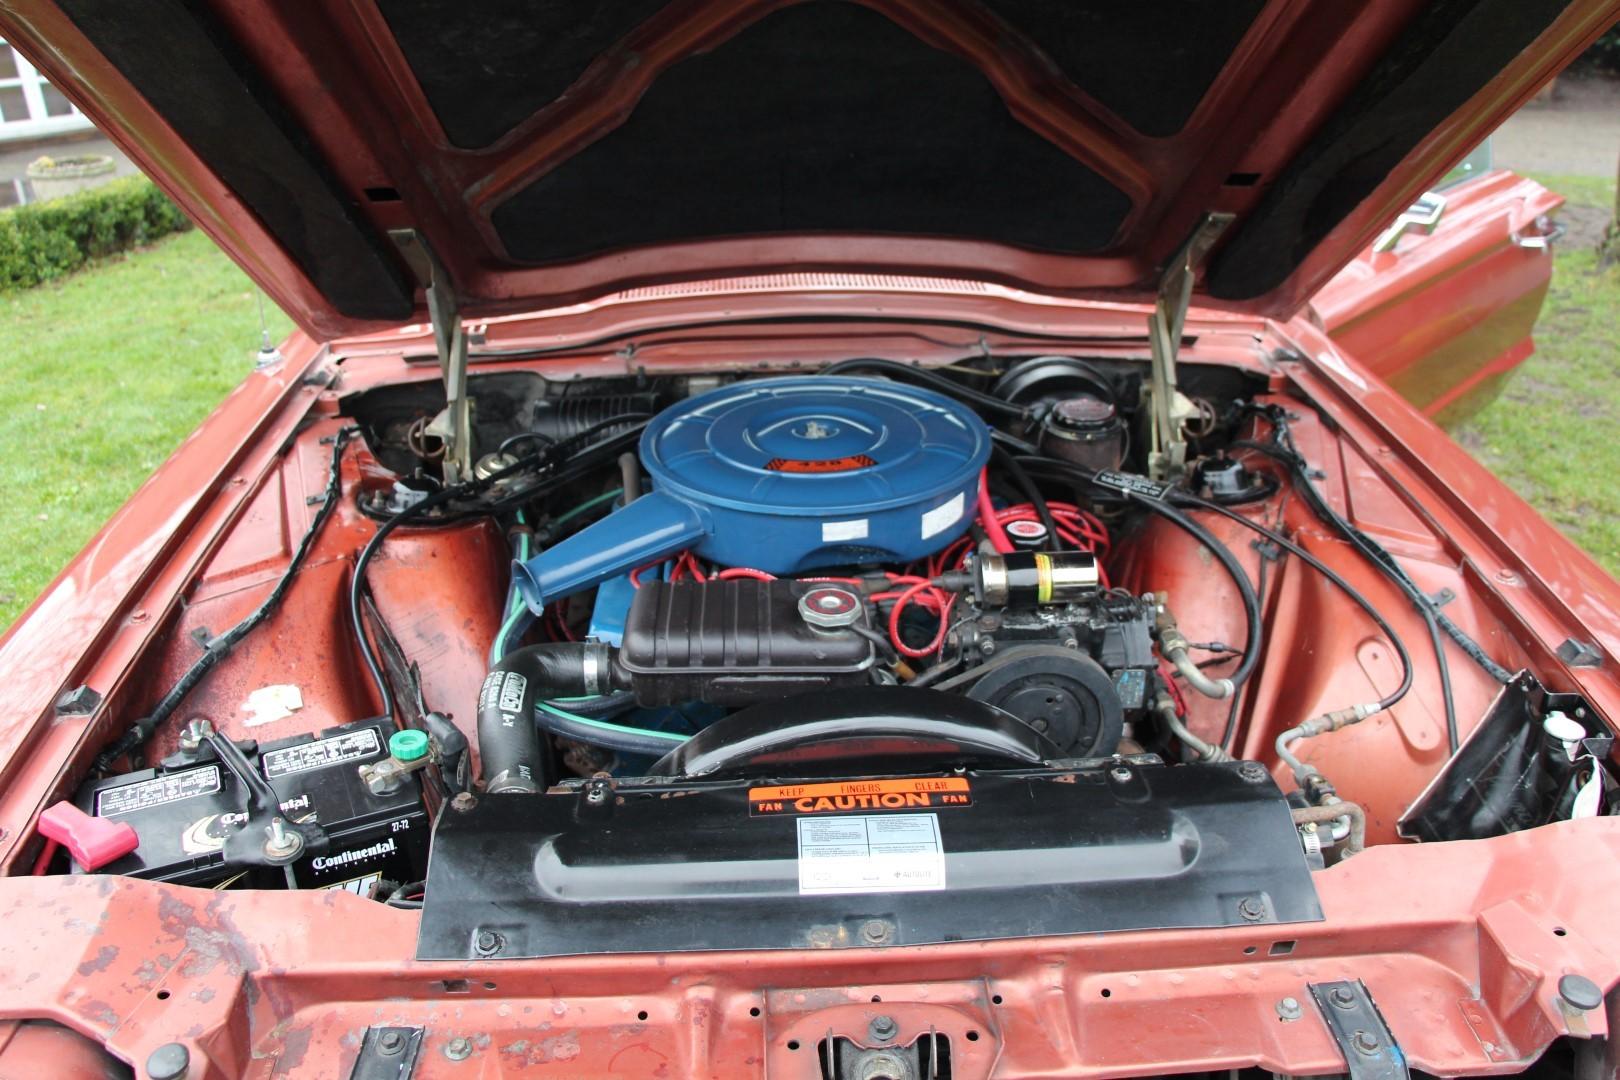 1966 Ford Thunderbird Town Landau 428 - emberglow (2)